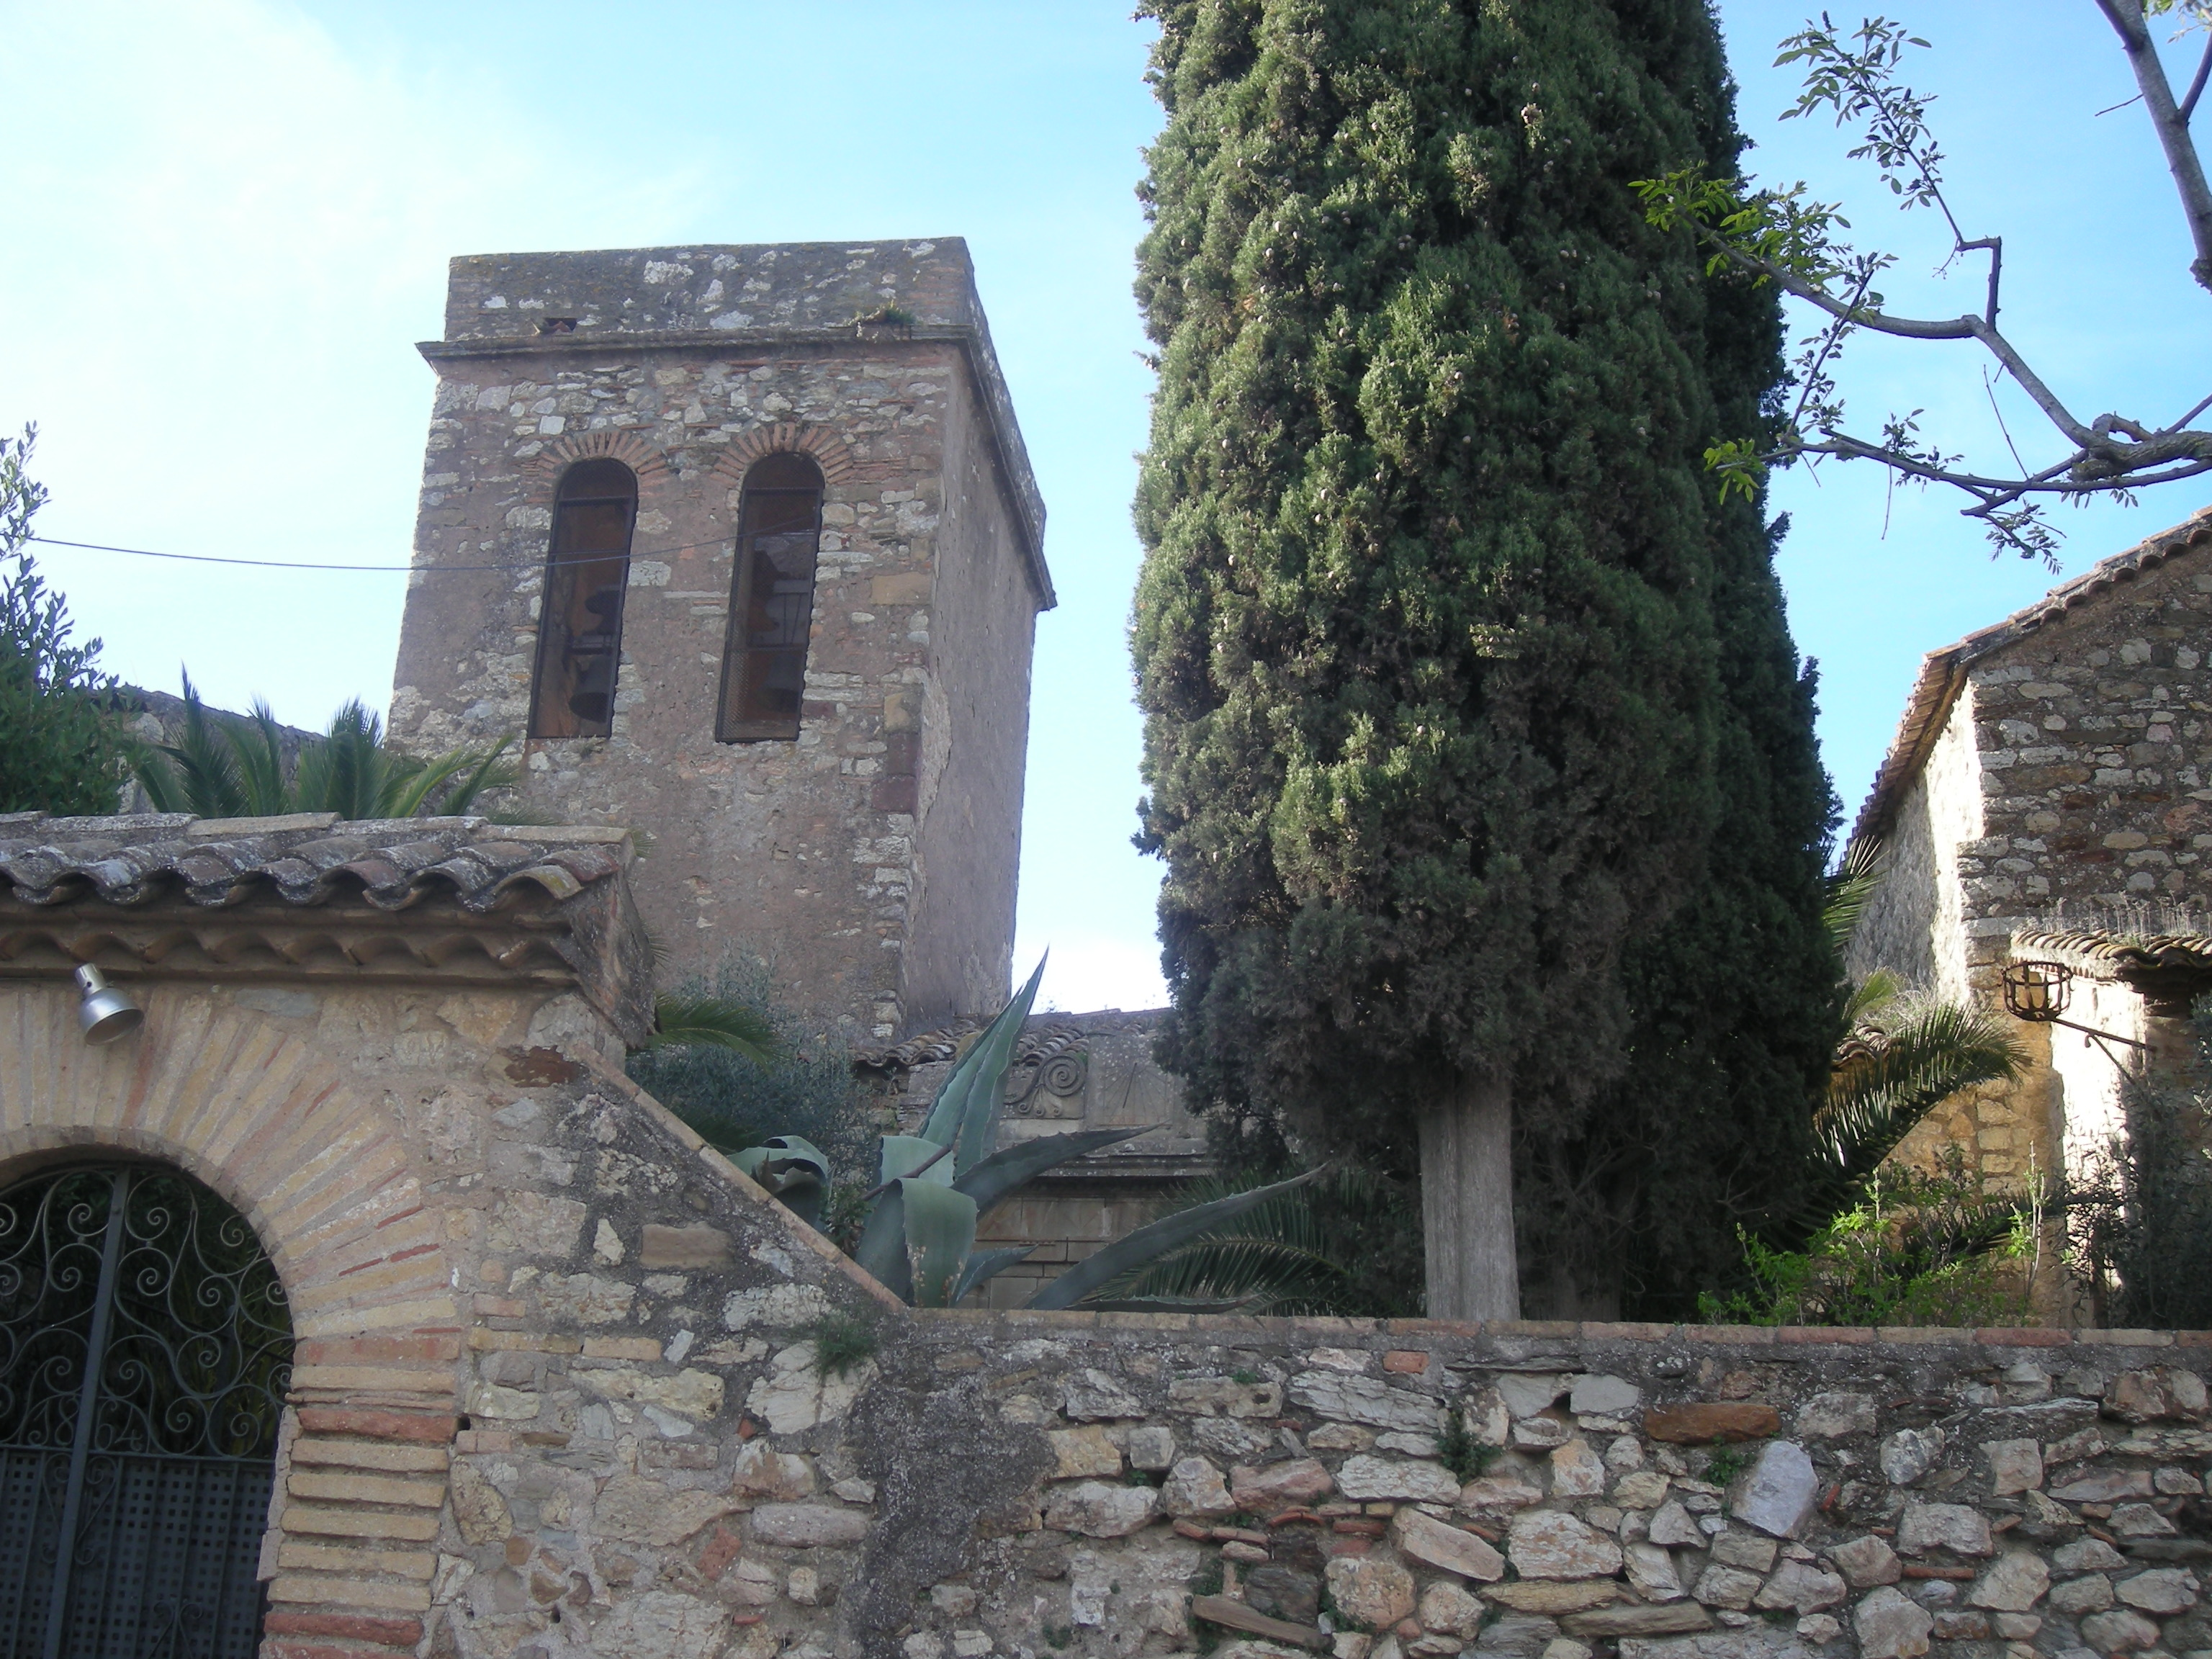 Santa Creu (2)